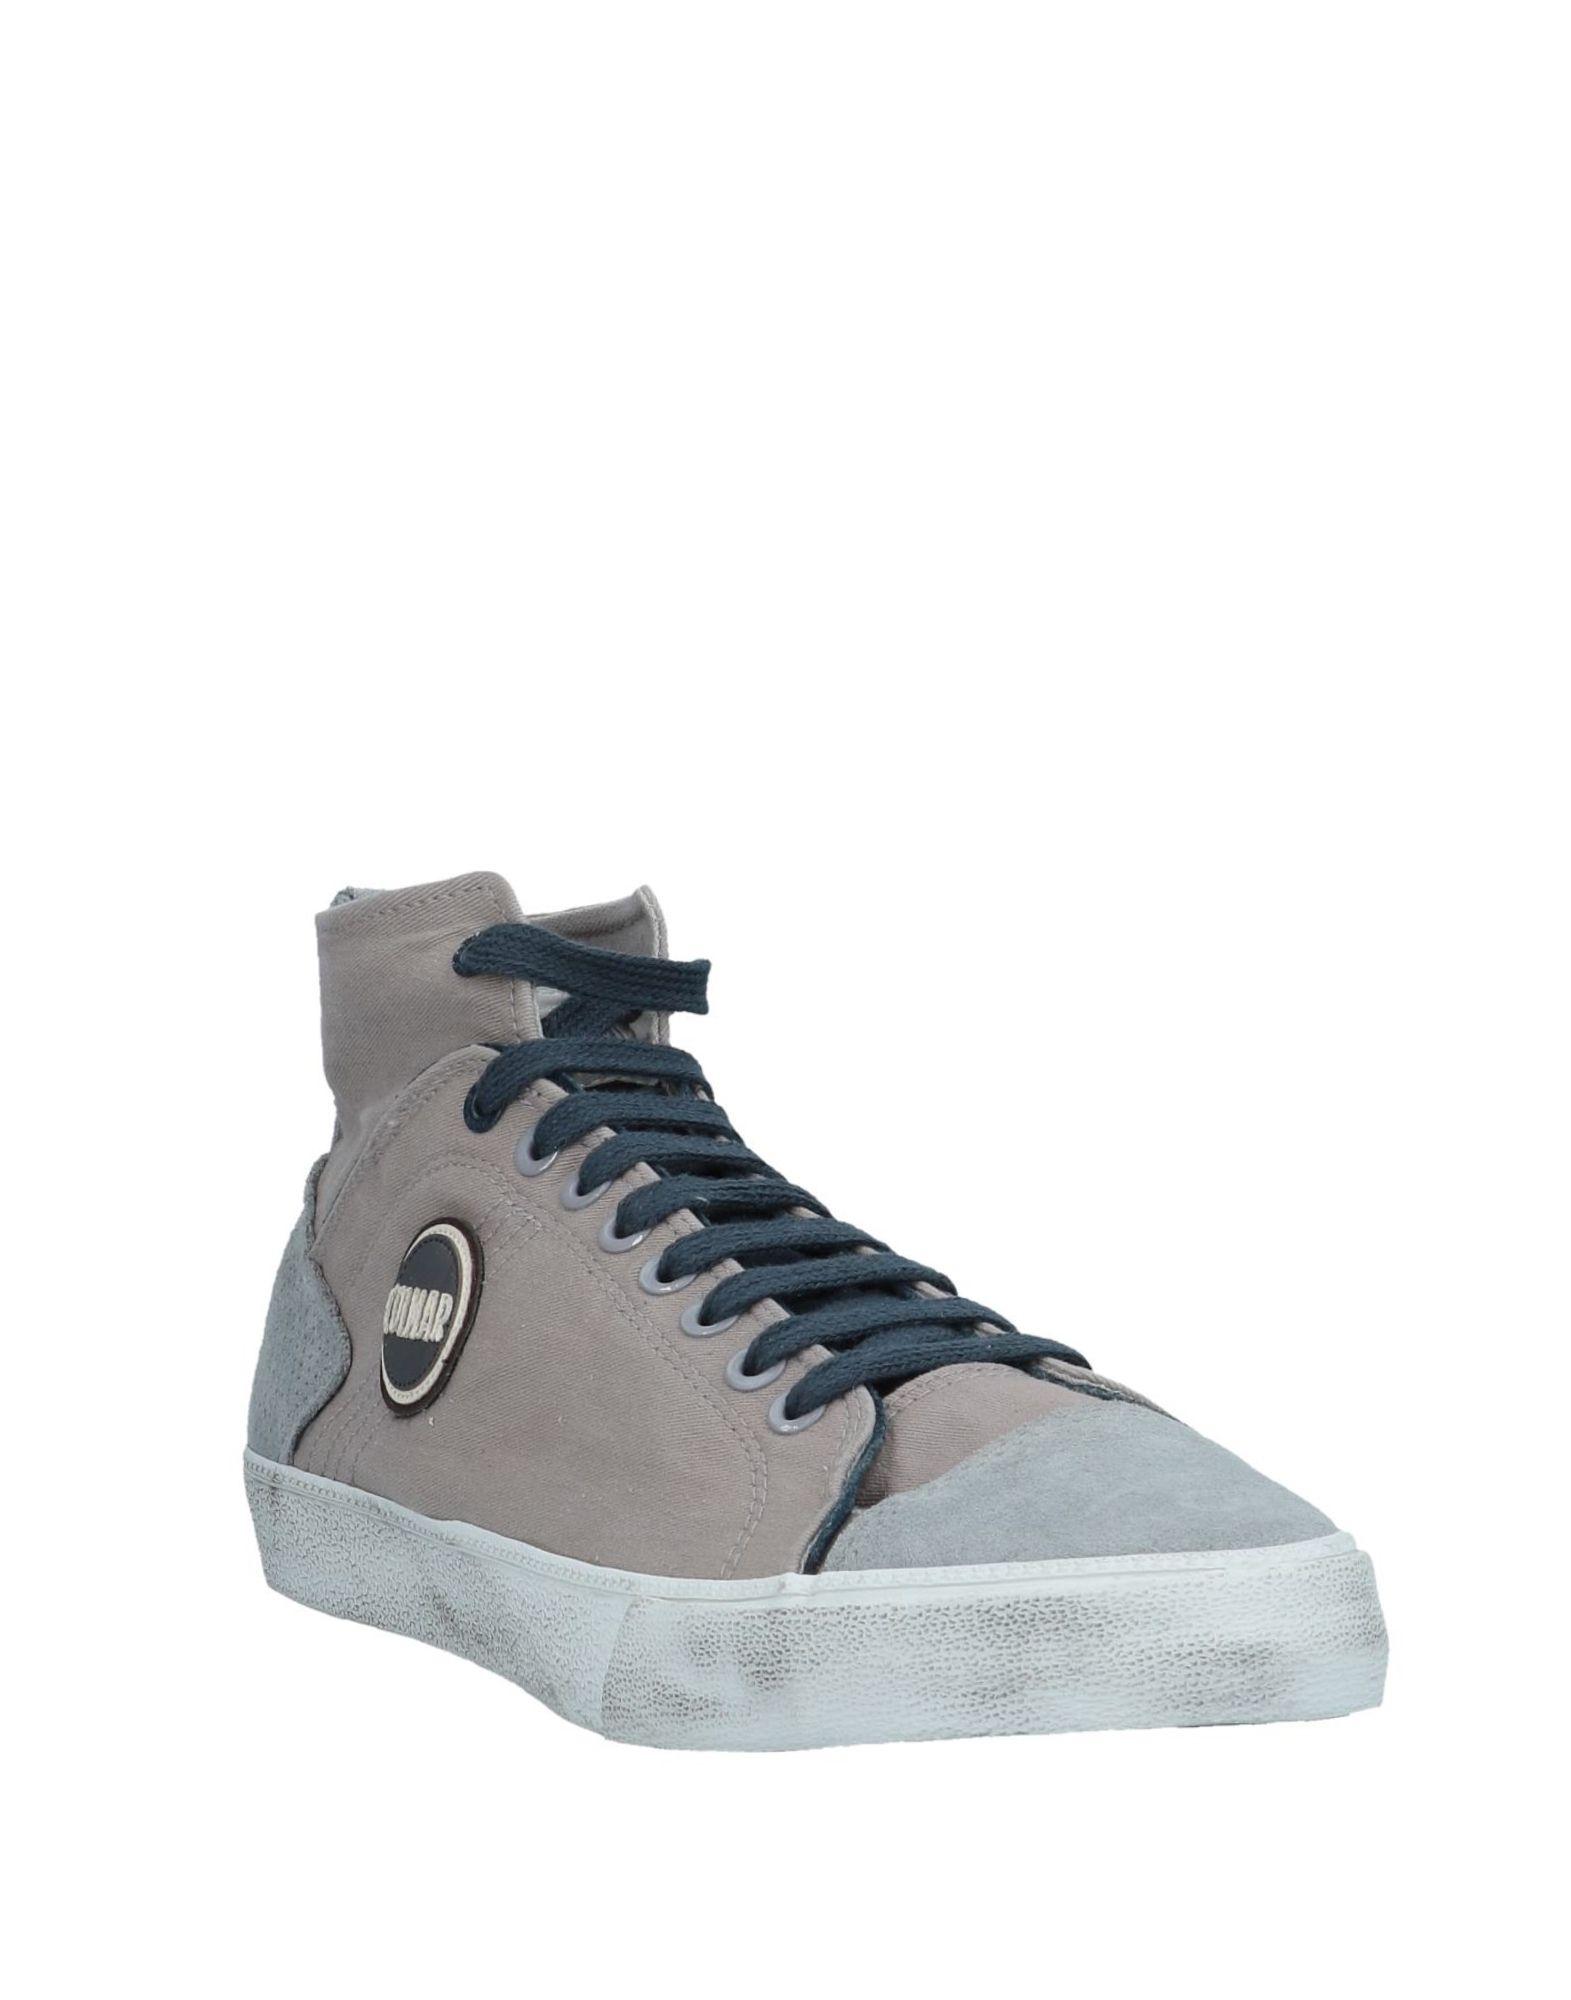 Rabatt Schuhe echte Schuhe Rabatt Colmar Sneakers Herren  11552327MS 6359c6